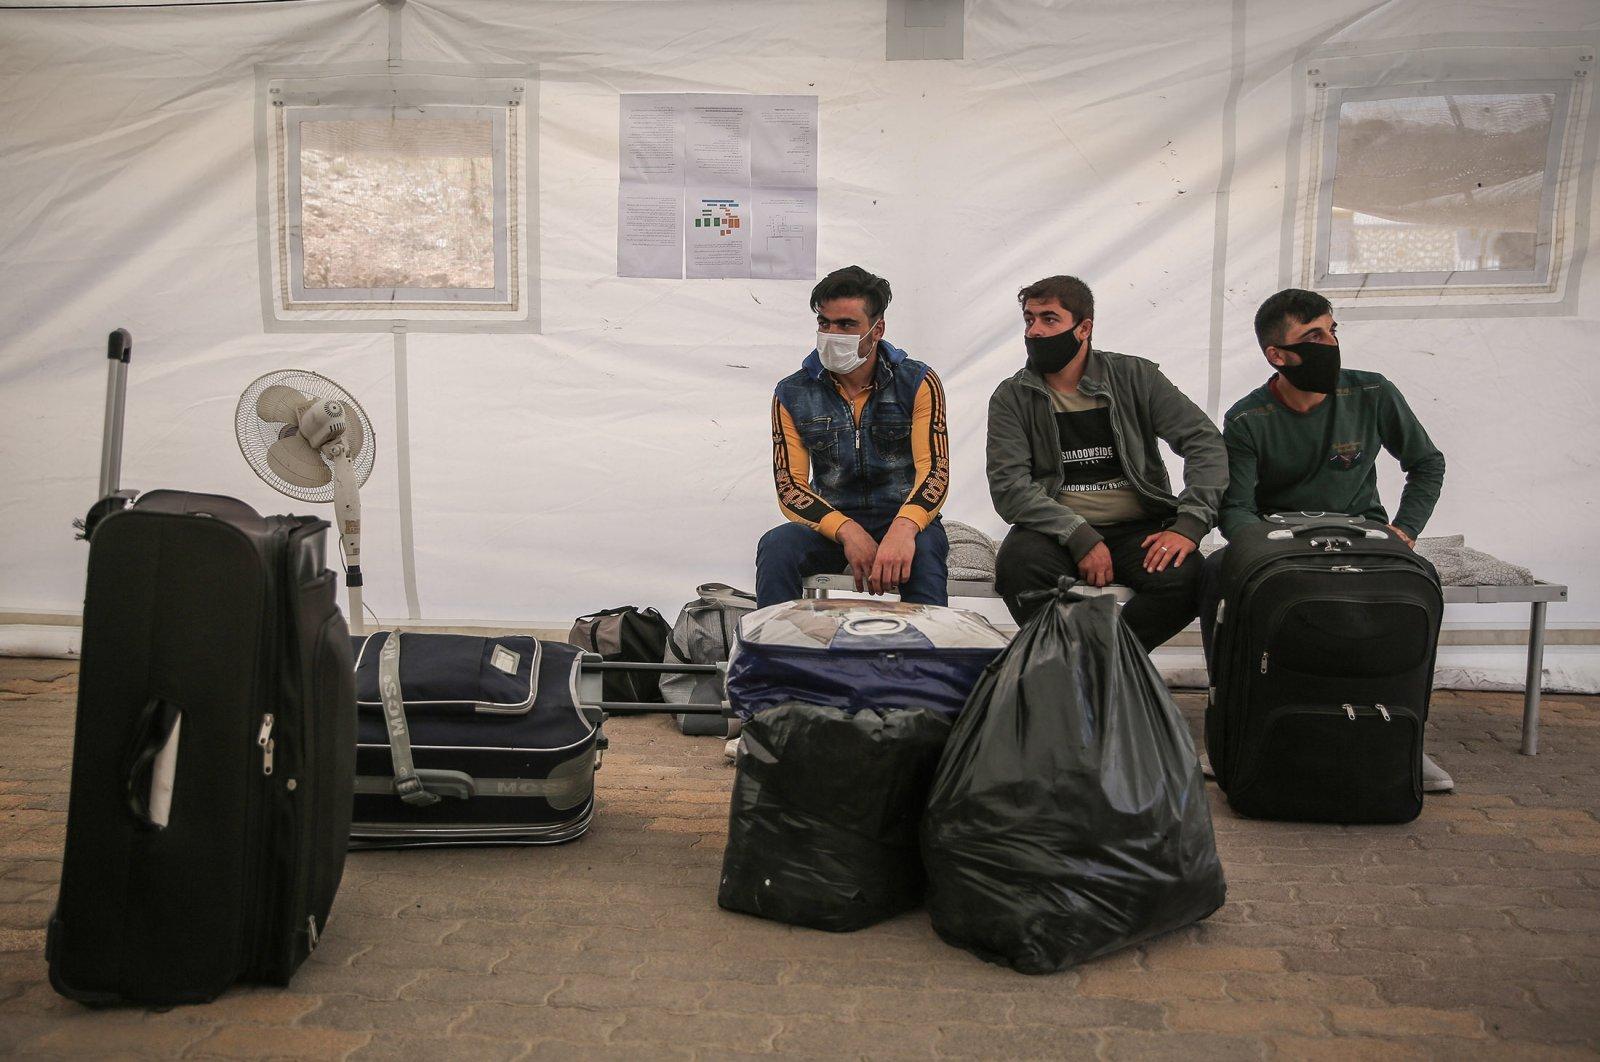 تحطيم الخرافات حول قضية المهاجرين واللاجئين السوريين في تركيا